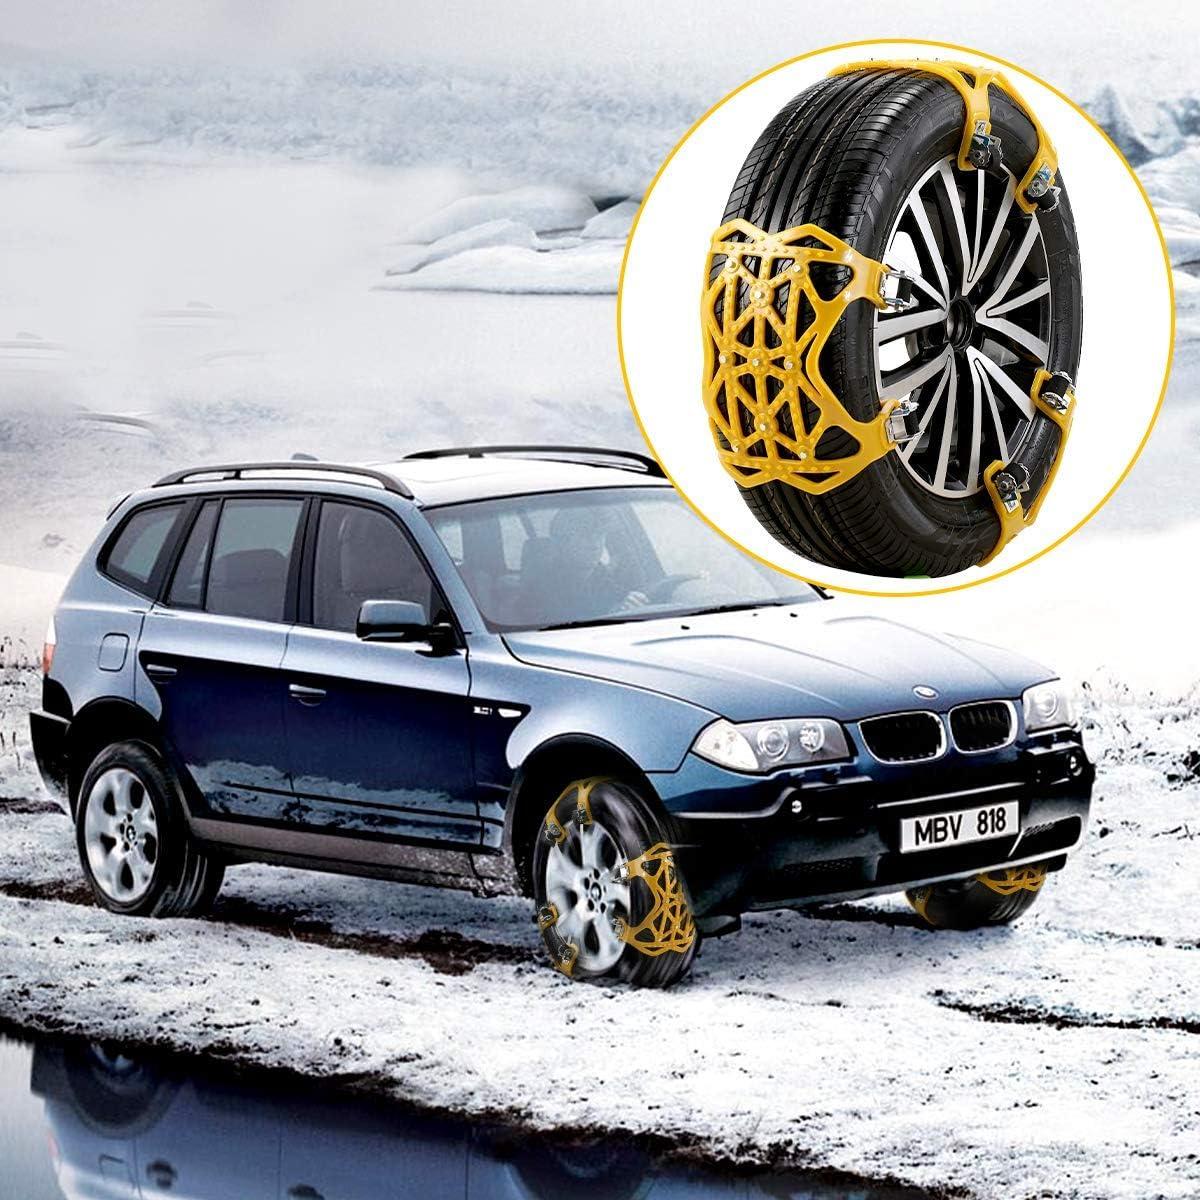 Sand Stra/ße 165mm-265mm Osaloe Universal Schneeketten Auto Schneeketten Anti-Rutsch Ketten f/ür Auto LKW SUV im Winter-Fahren Schnee Stra/ße 6 Packs, N1